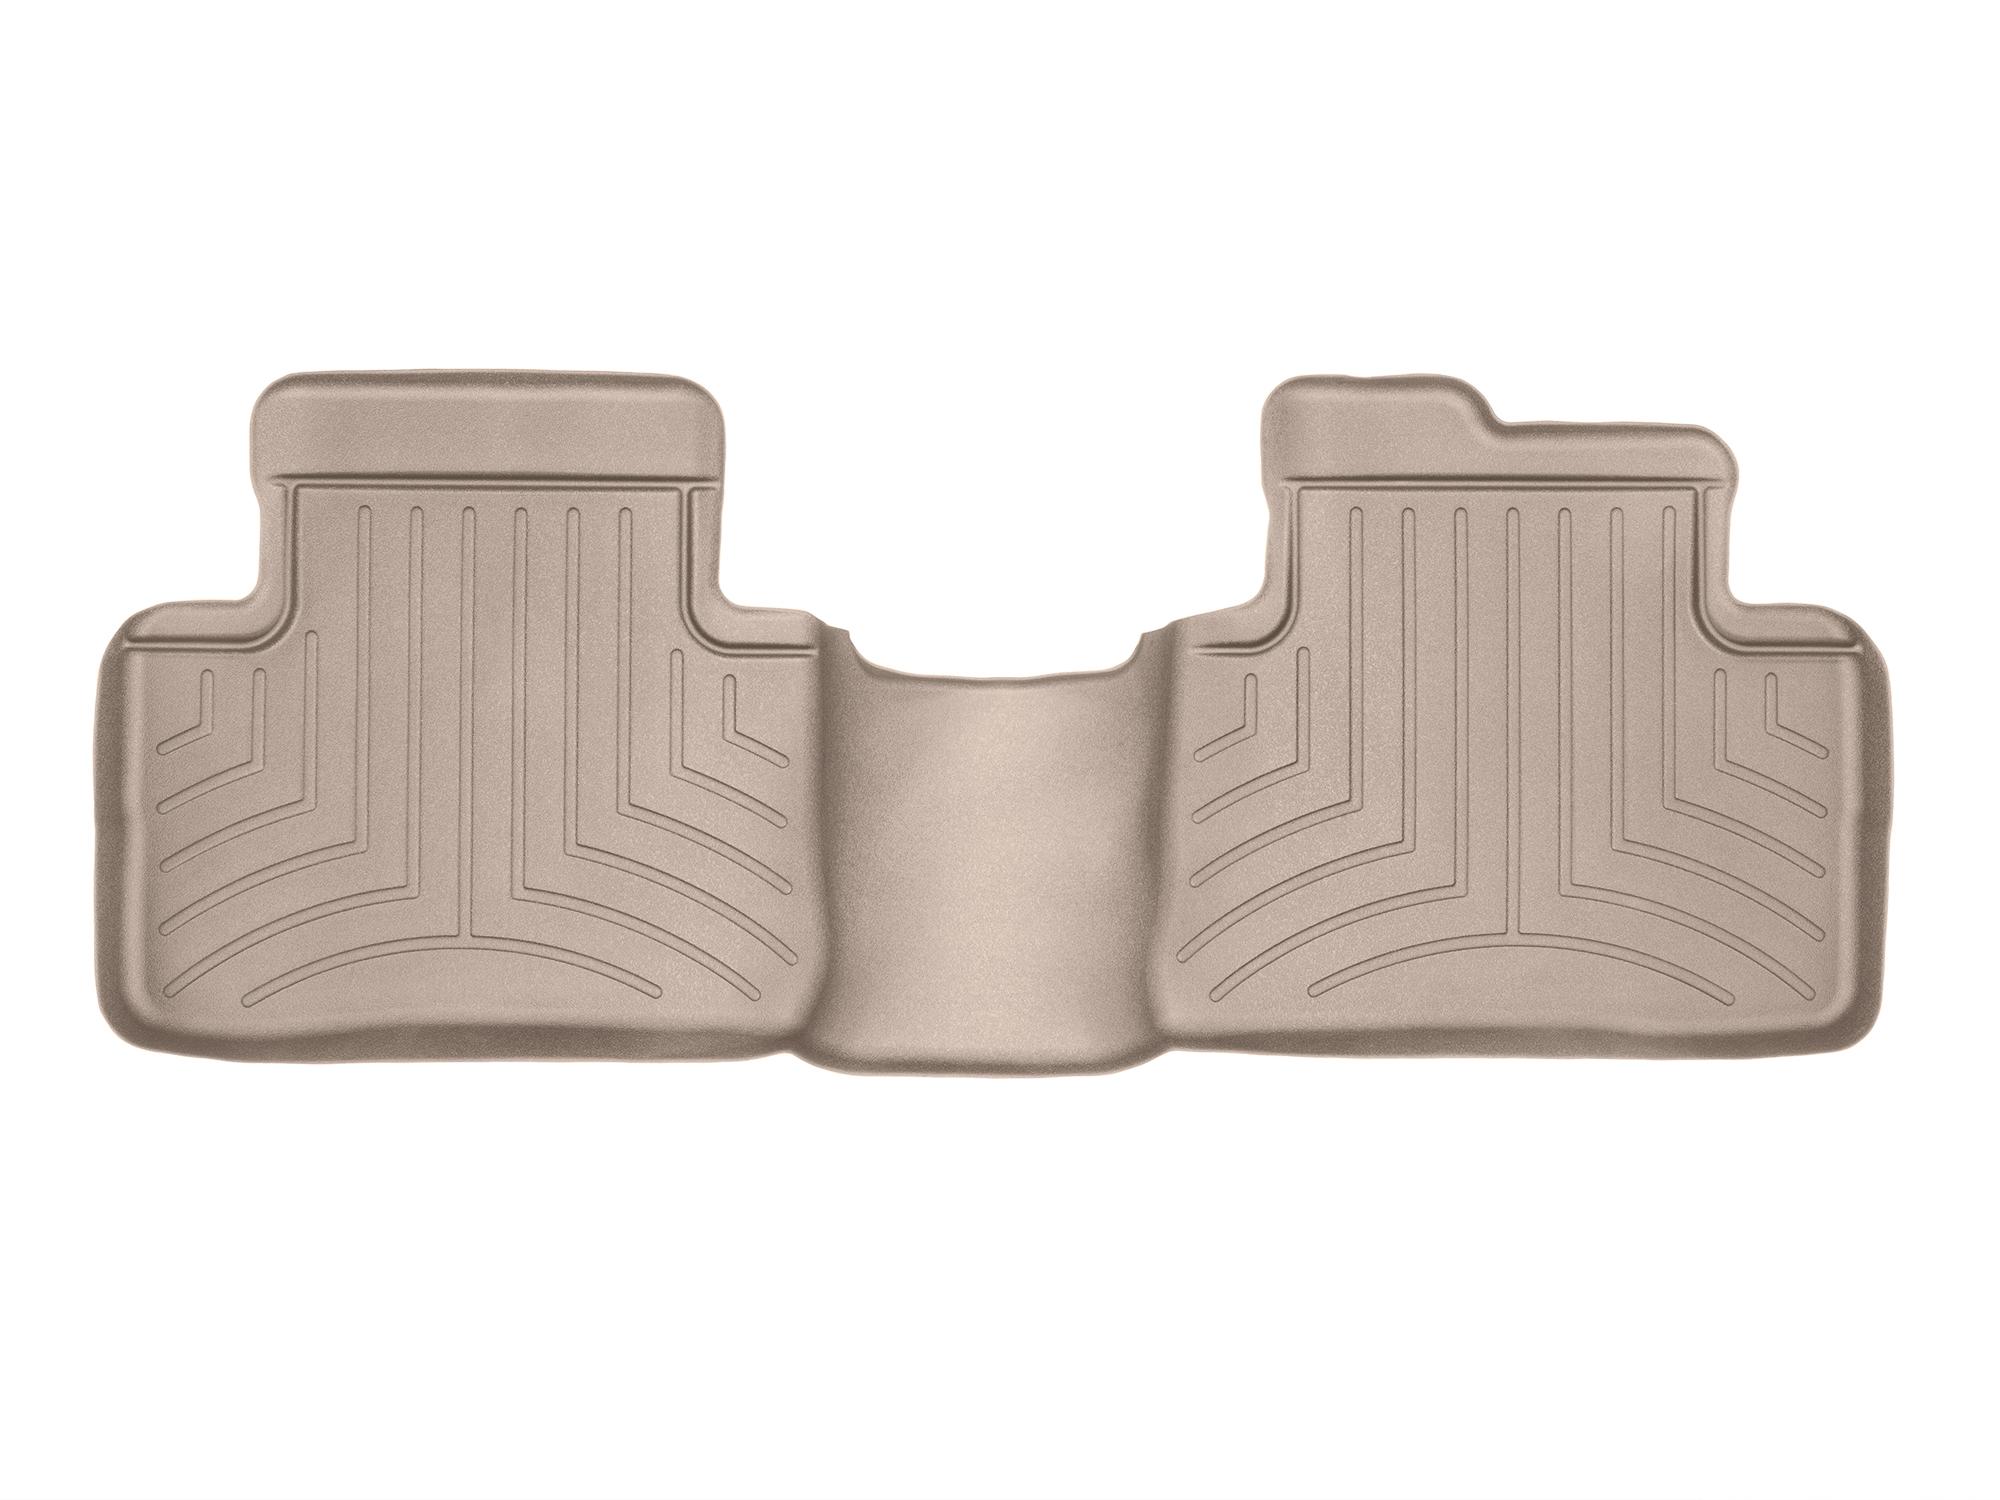 Tappeti gomma su misura bordo alto Nissan X-Trail 15>17 Marrone A2942